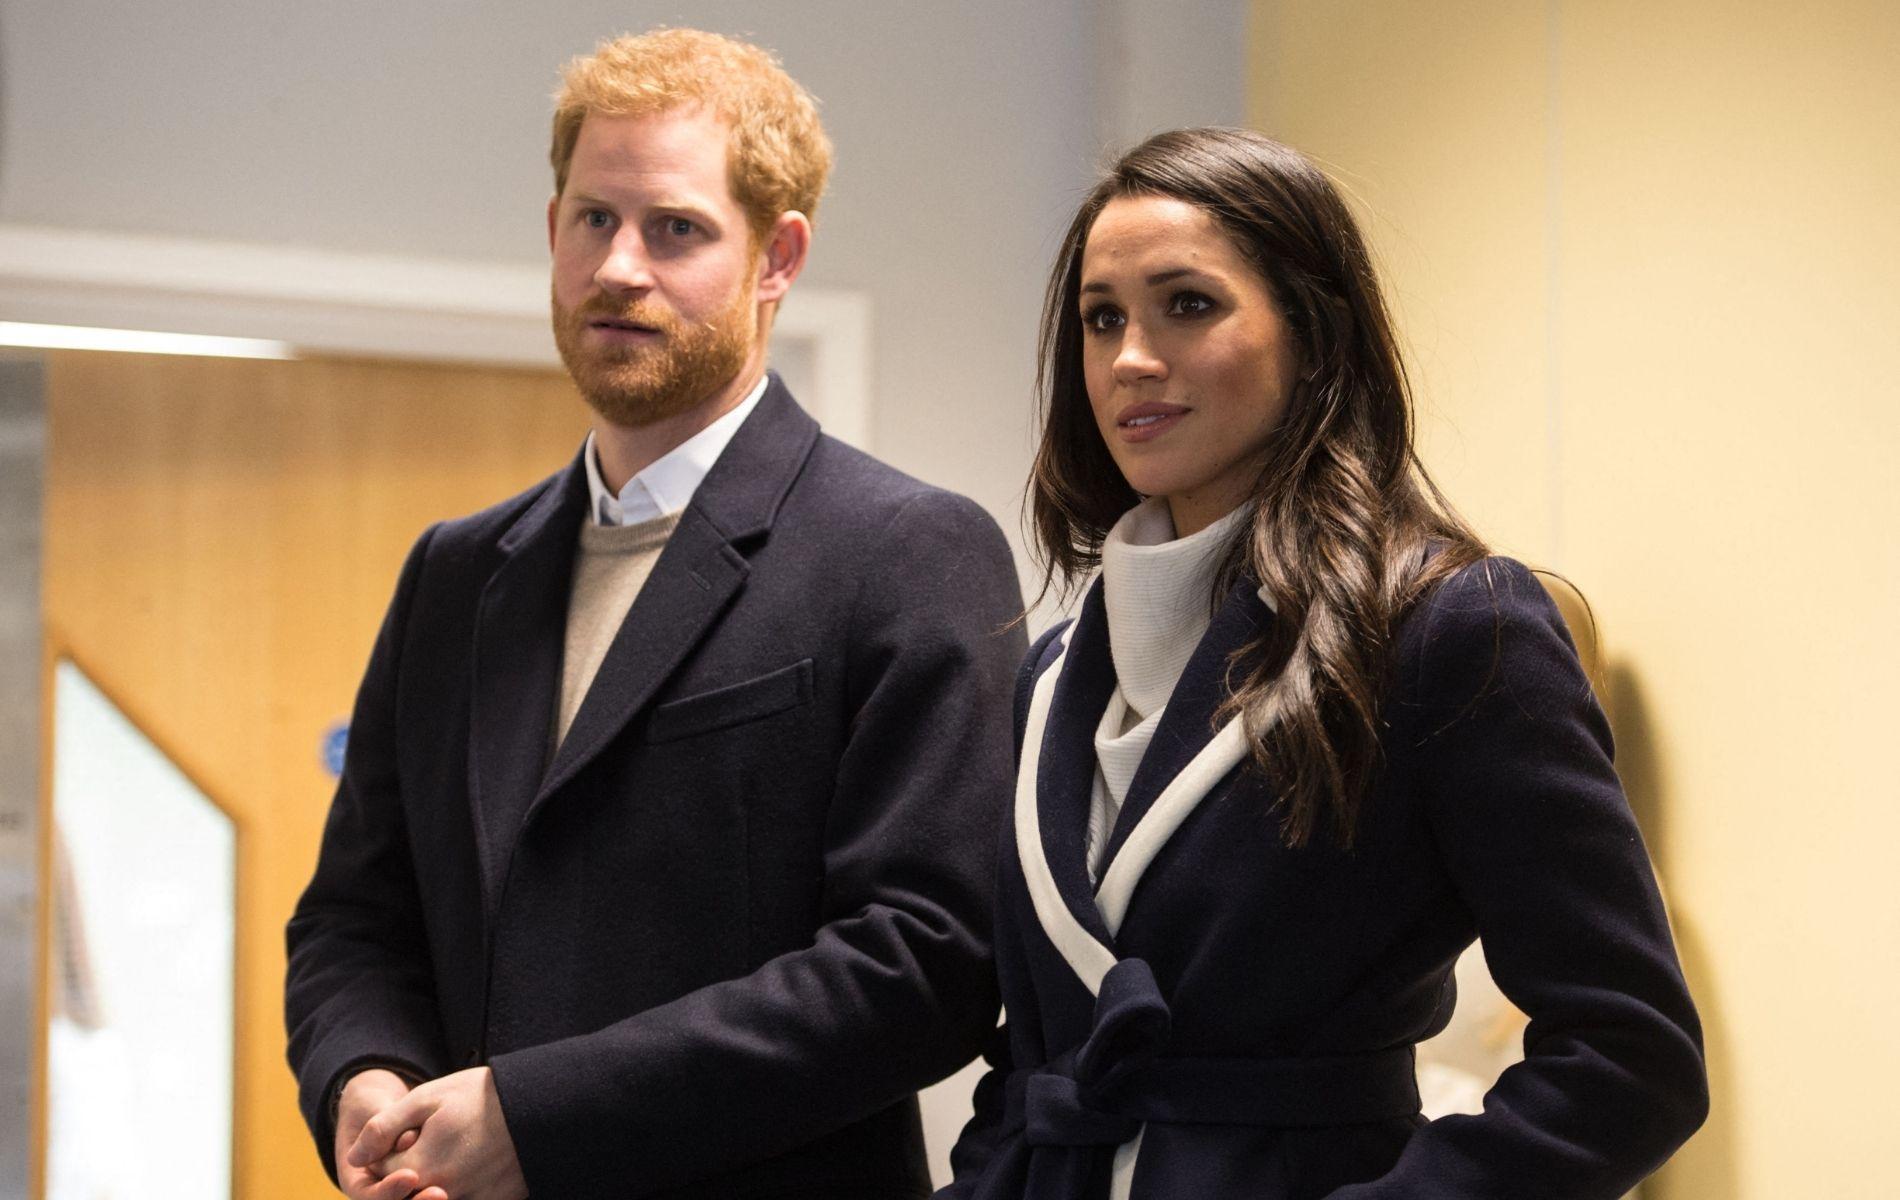 Les bookmakers ouvrent les paris sur la date du divorce de Meghan et Harry